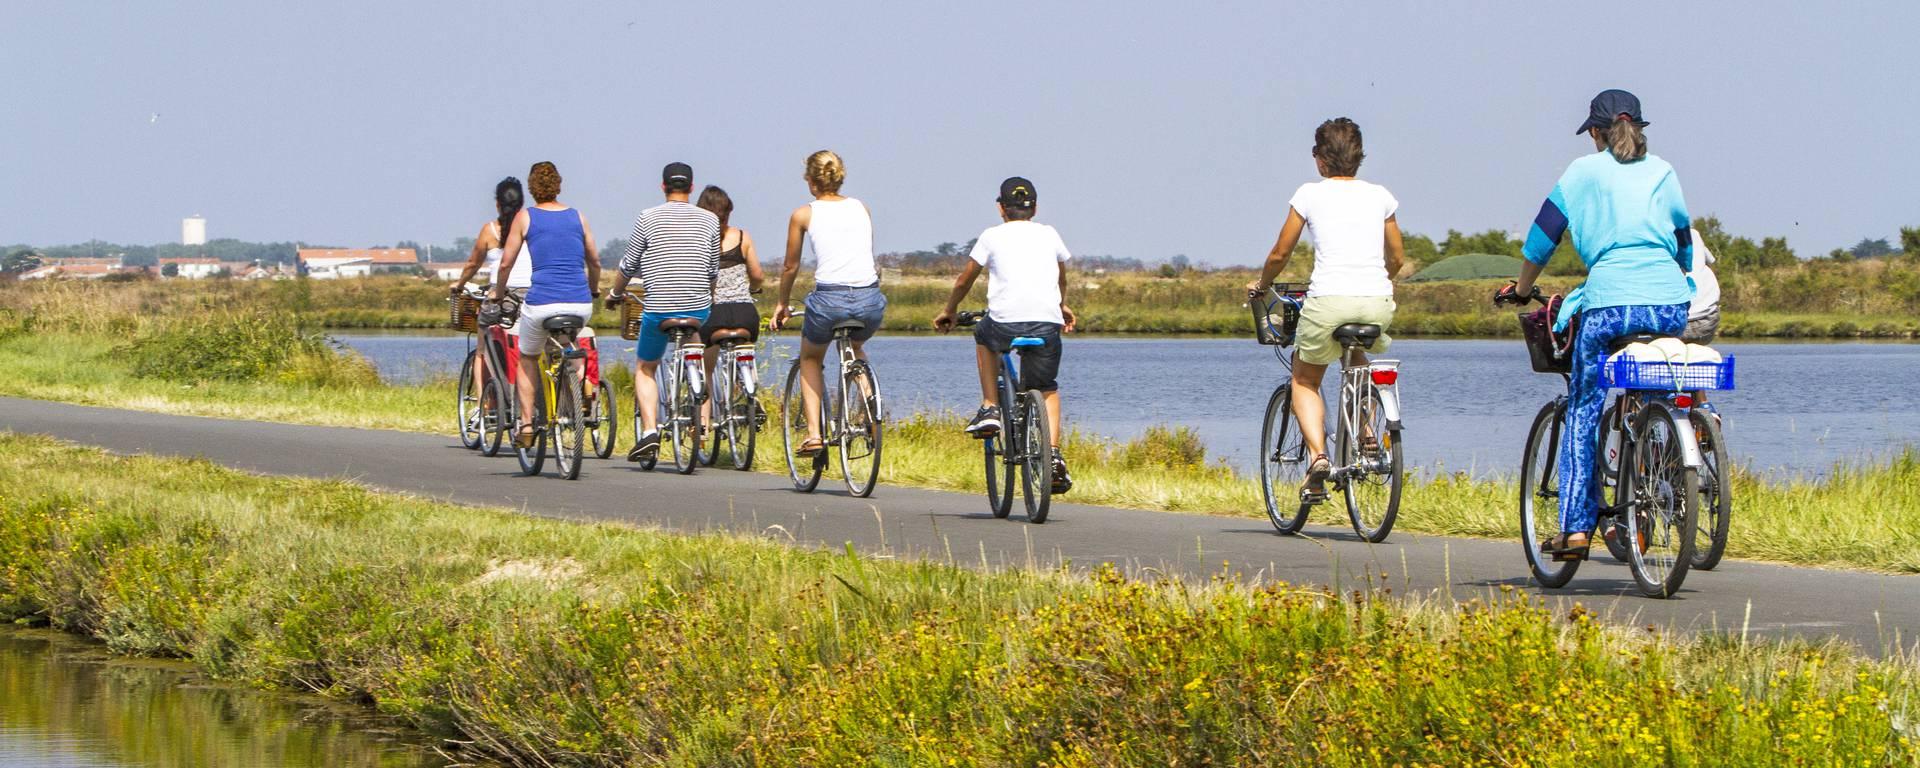 Des kilomètres de pistes cyclables pour découvrir les marais de l'Ile de Ré ©François Blanchard